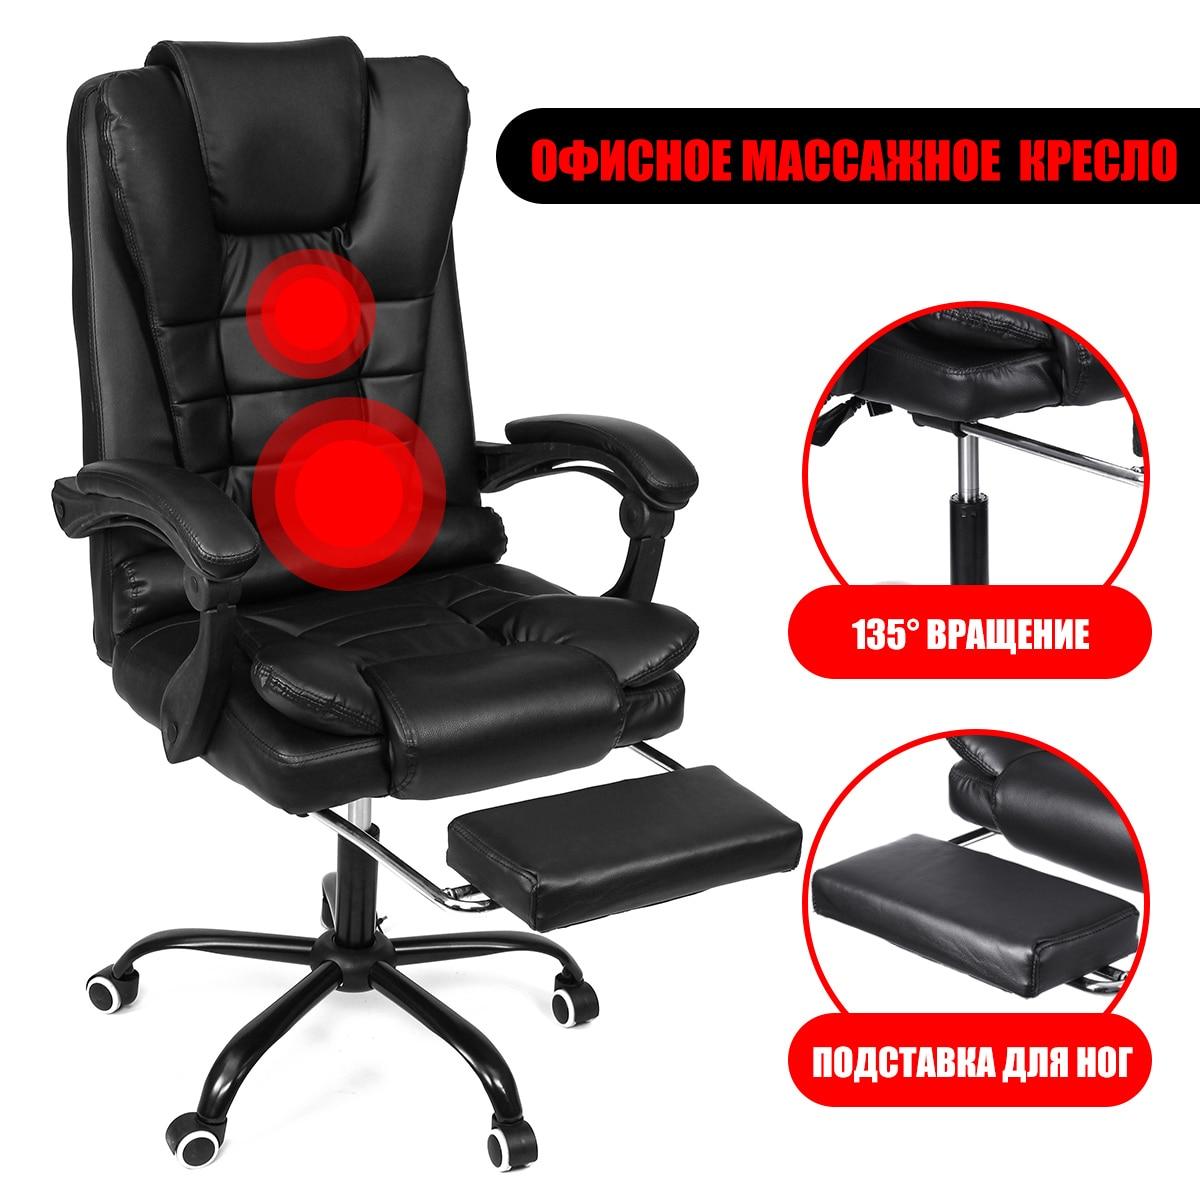 Gamer Gaming Massage Kantoor Ergonomische Computer Stoel Kantoormeubilair Stoel Gaming Computer Armsteun Lederen Liggende Voetsteun